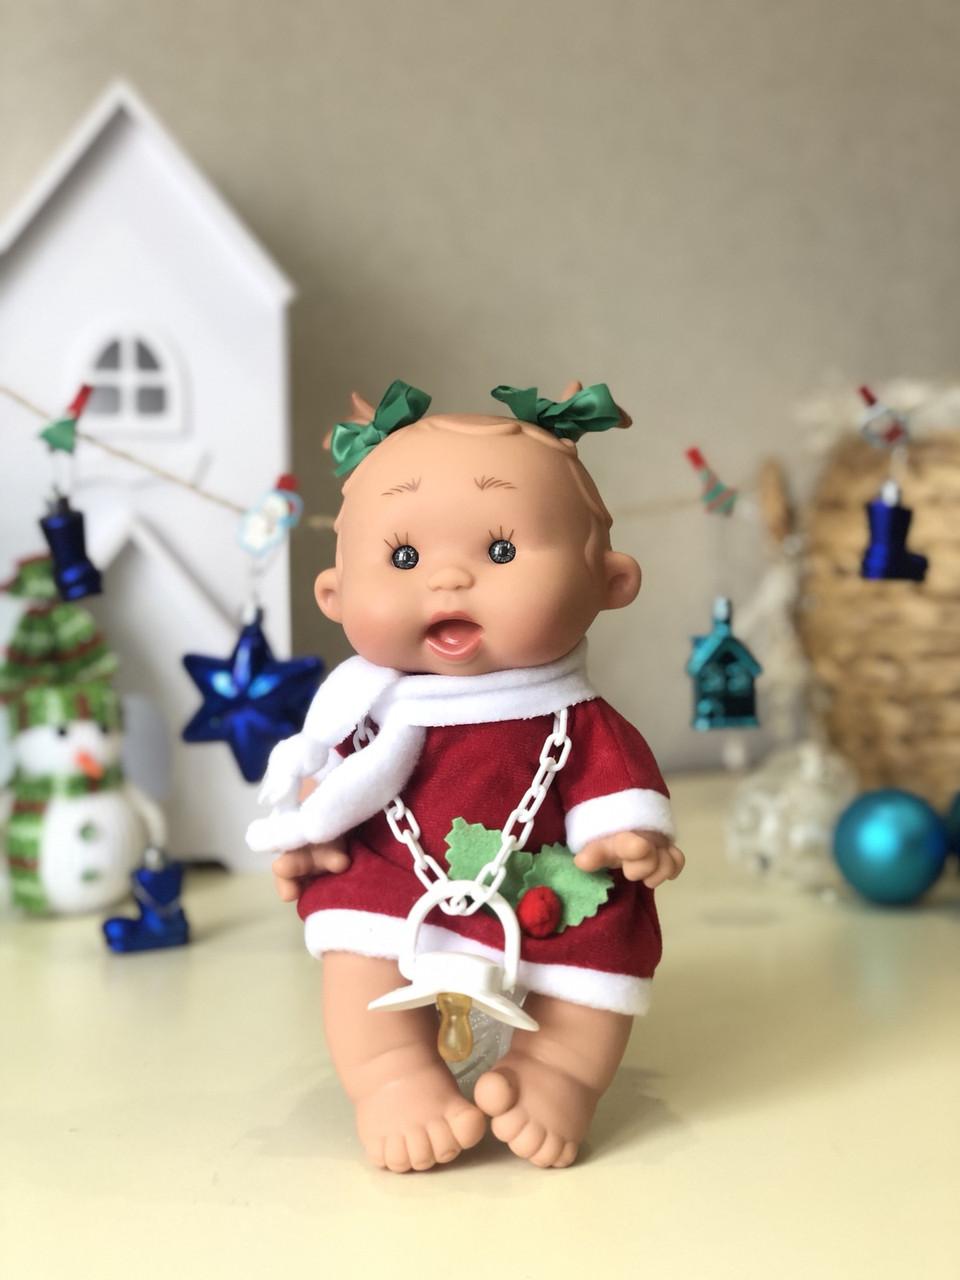 Испанская кукла-пупс Pepotes в новогоднем костюме (Nines d'Onil)